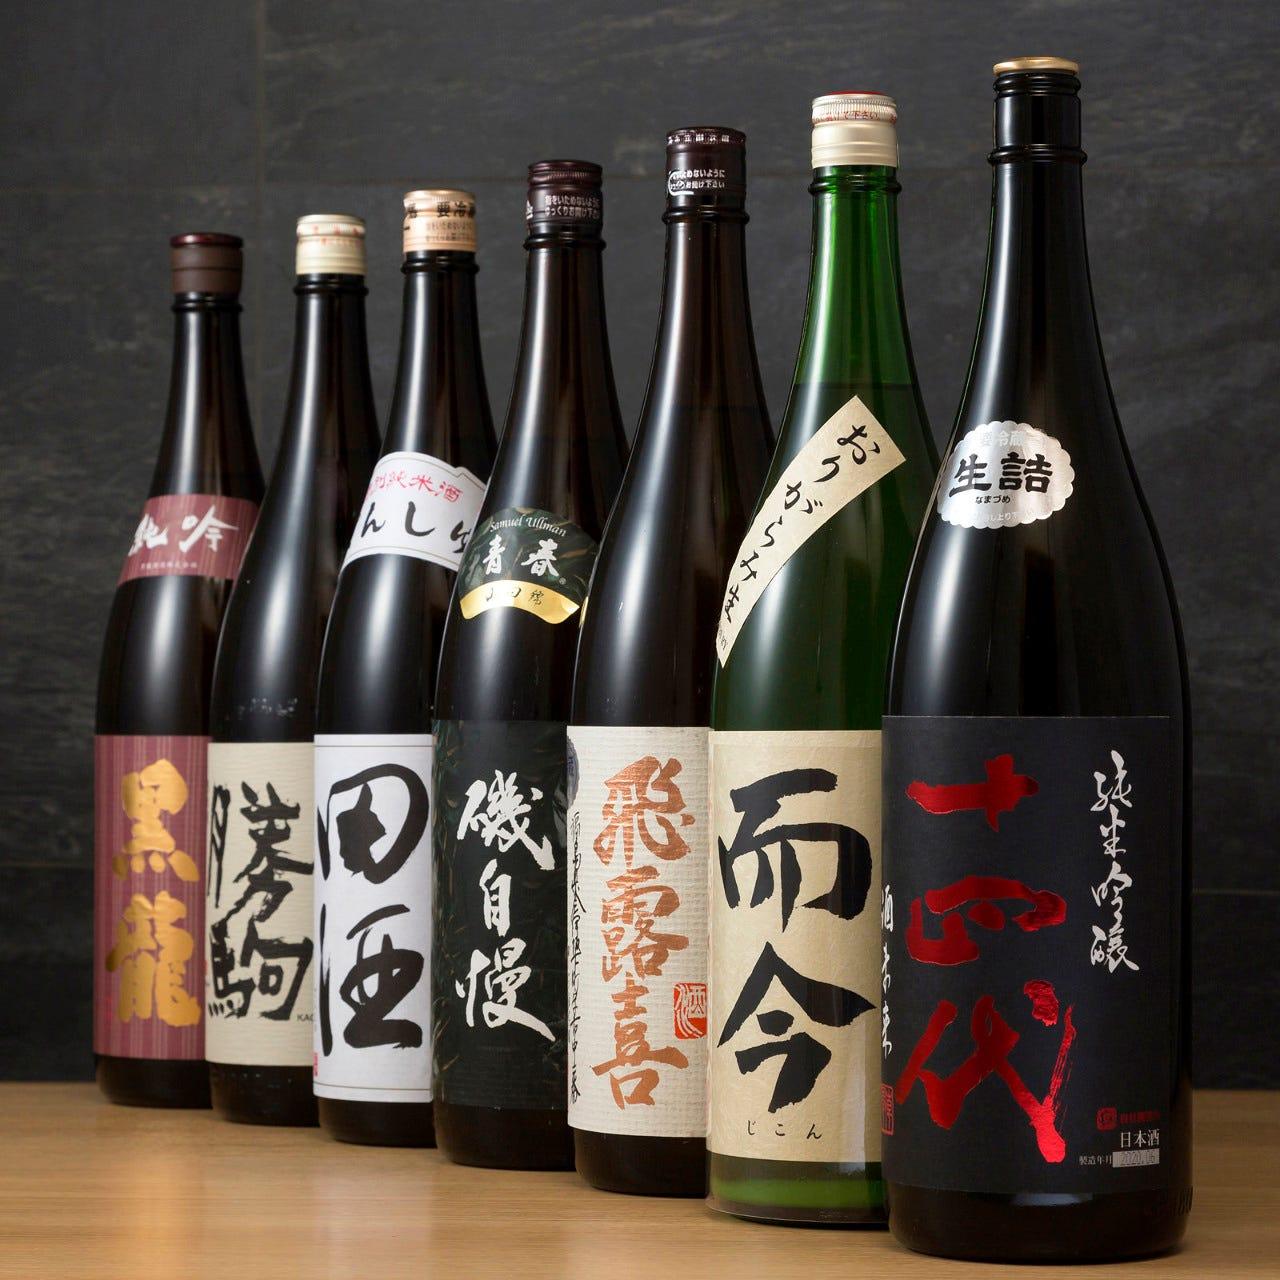 プレミア日本酒が勢ぞろい♪